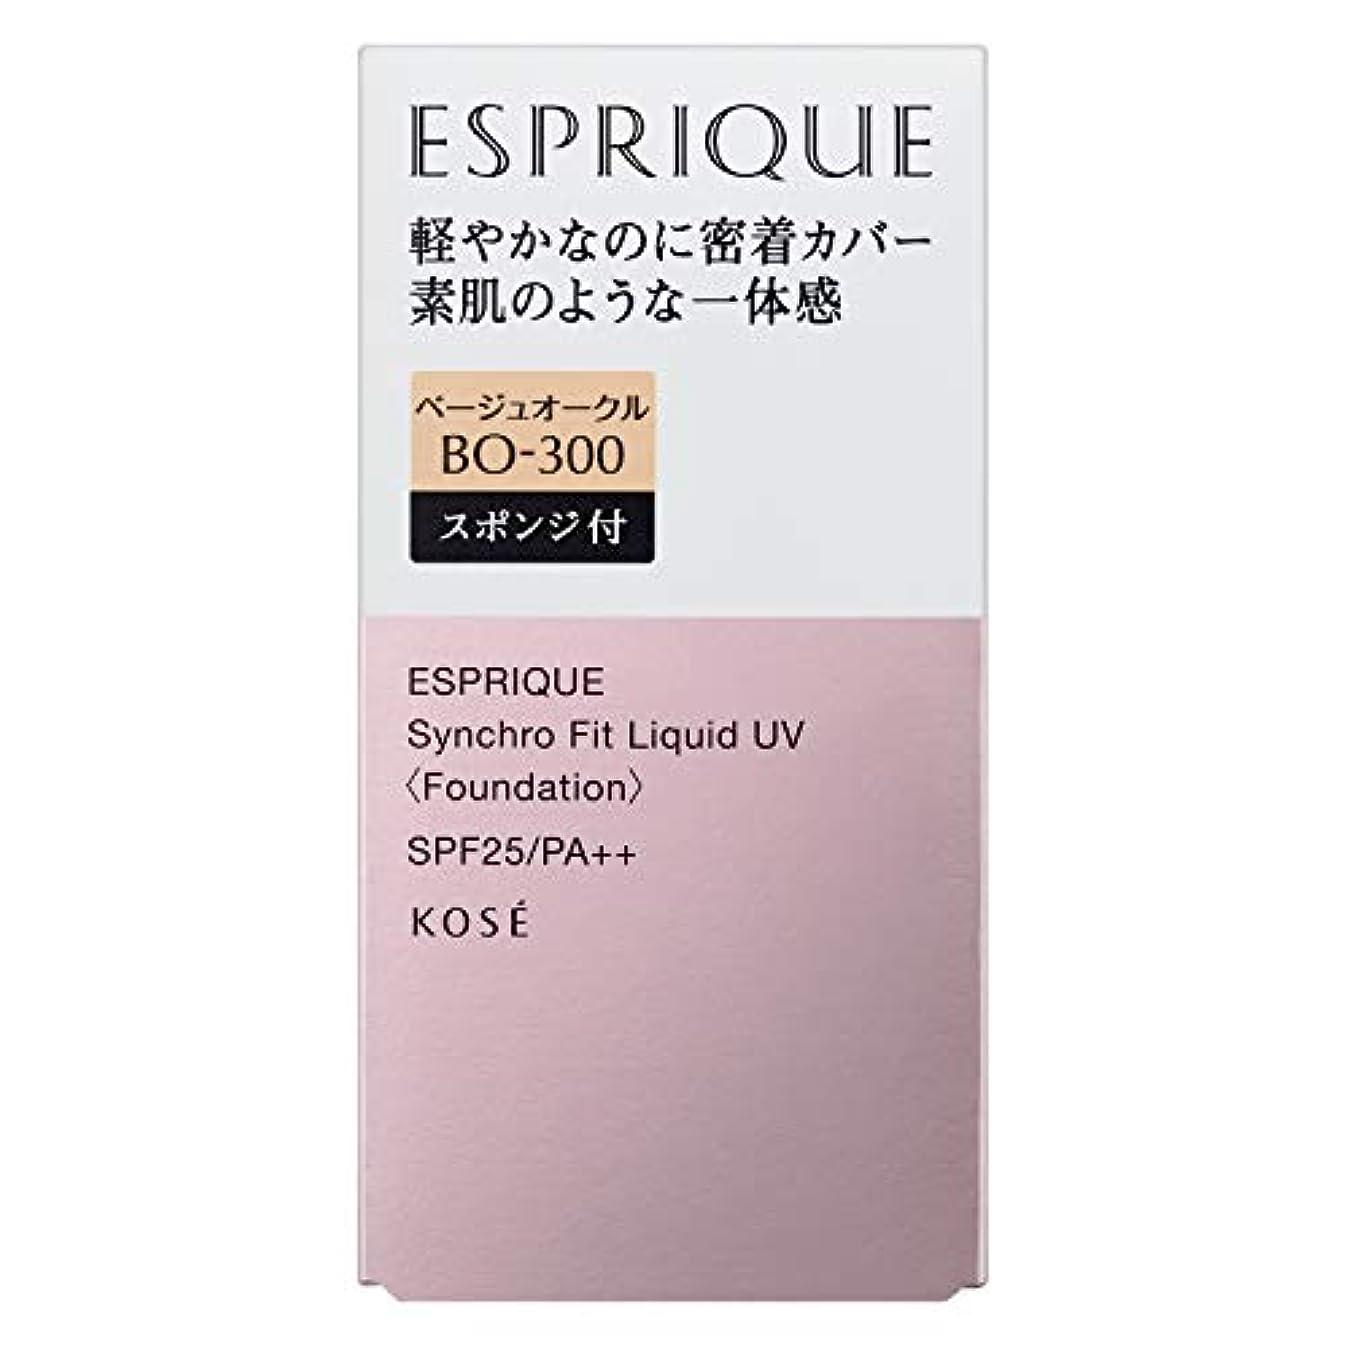 攻撃知覚できる寸前ESPRIQUE(エスプリーク) エスプリーク シンクロフィット リキッド UV ファンデーション 無香料 BO-300 ベージュオークル 30g